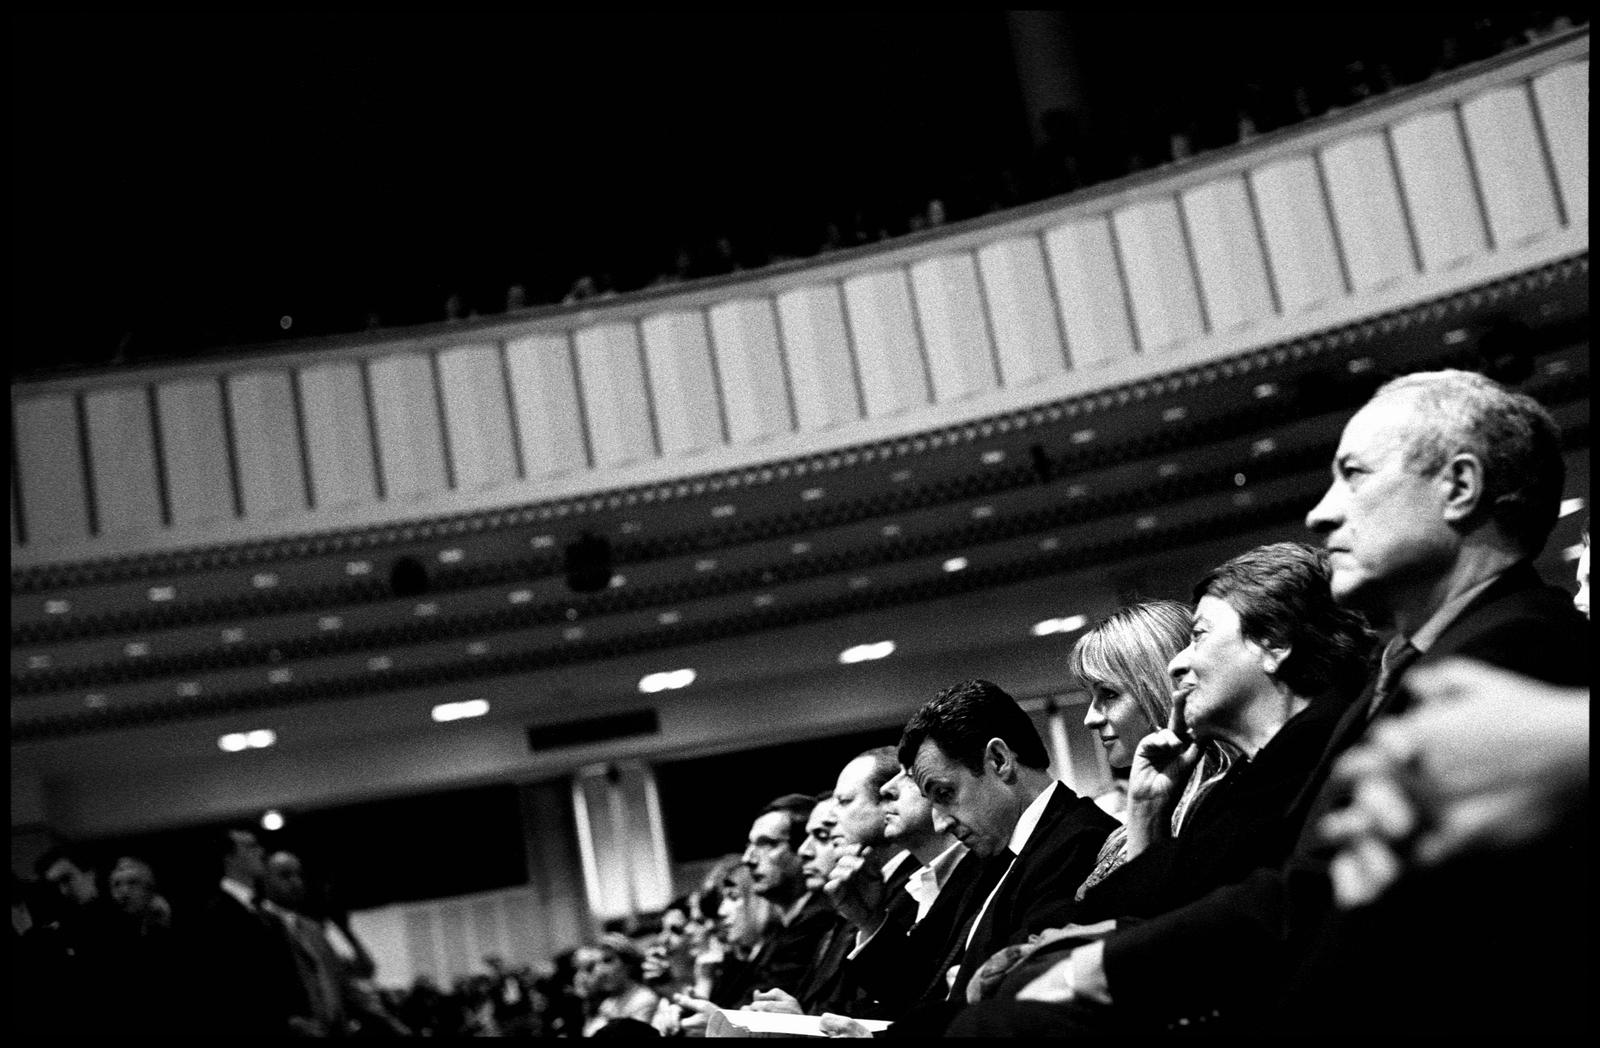 Nicolas Sarkozy entouré des ses lieutenants et de proches de l'UMP comme Jean Tibéri à la Mutualité de Paris le 6 avril 2007, lors d'un meeting sur le thème {quote}les Femmes et de l'égalité de chances{quote}.